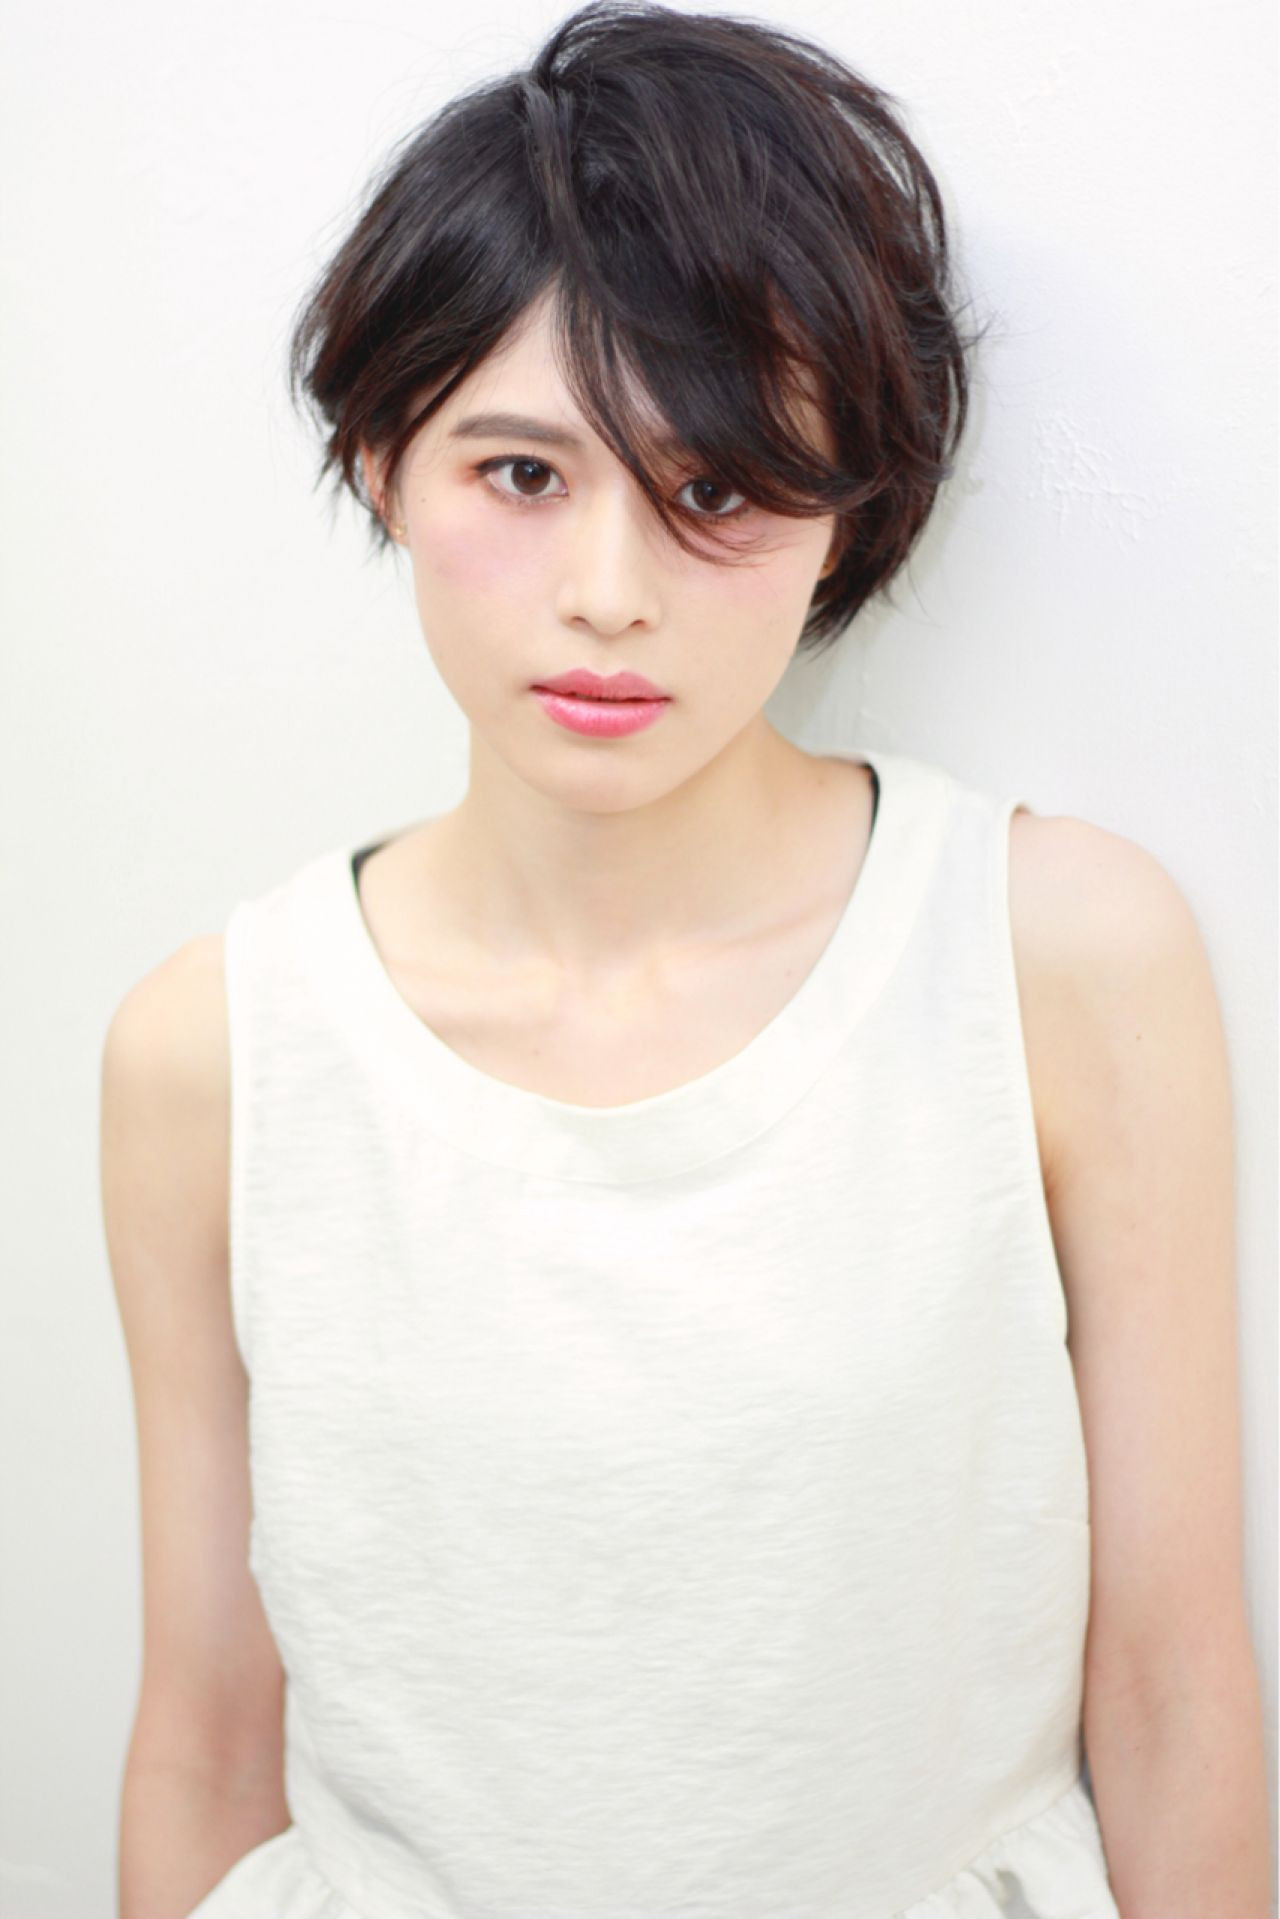 モード ショート 黒髪 秋 ヘアスタイルや髪型の写真・画像